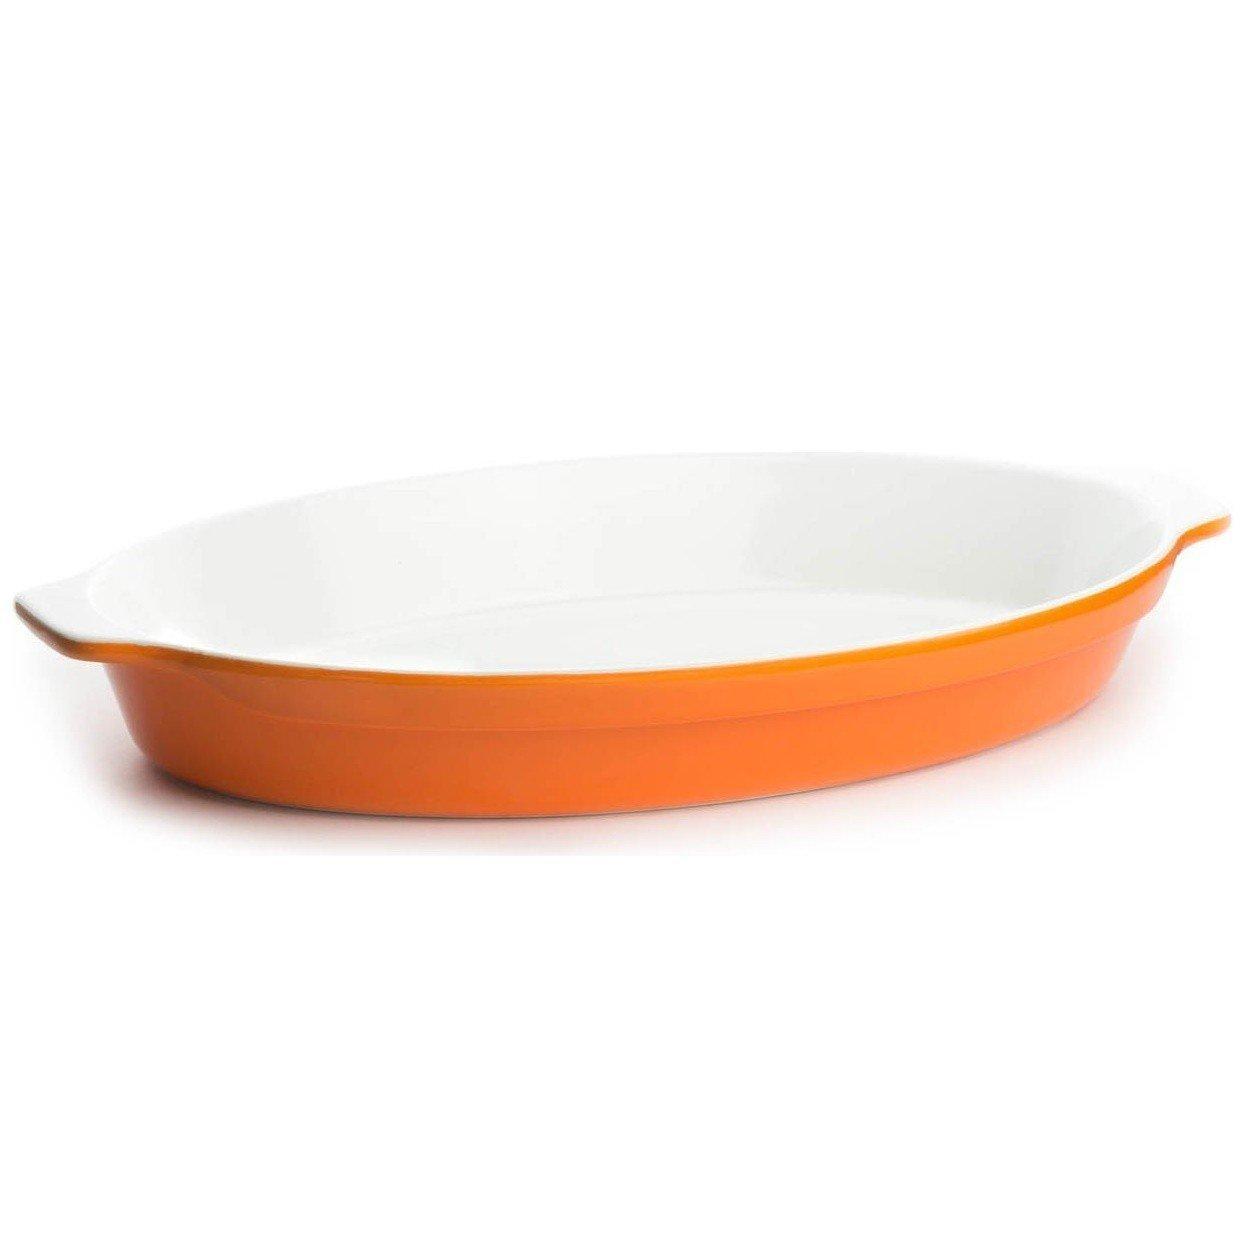 Форма для запекания Maestro MR-11742-42 оранжевая   форма для выпечки Маэстро   противень с ручками Маестро